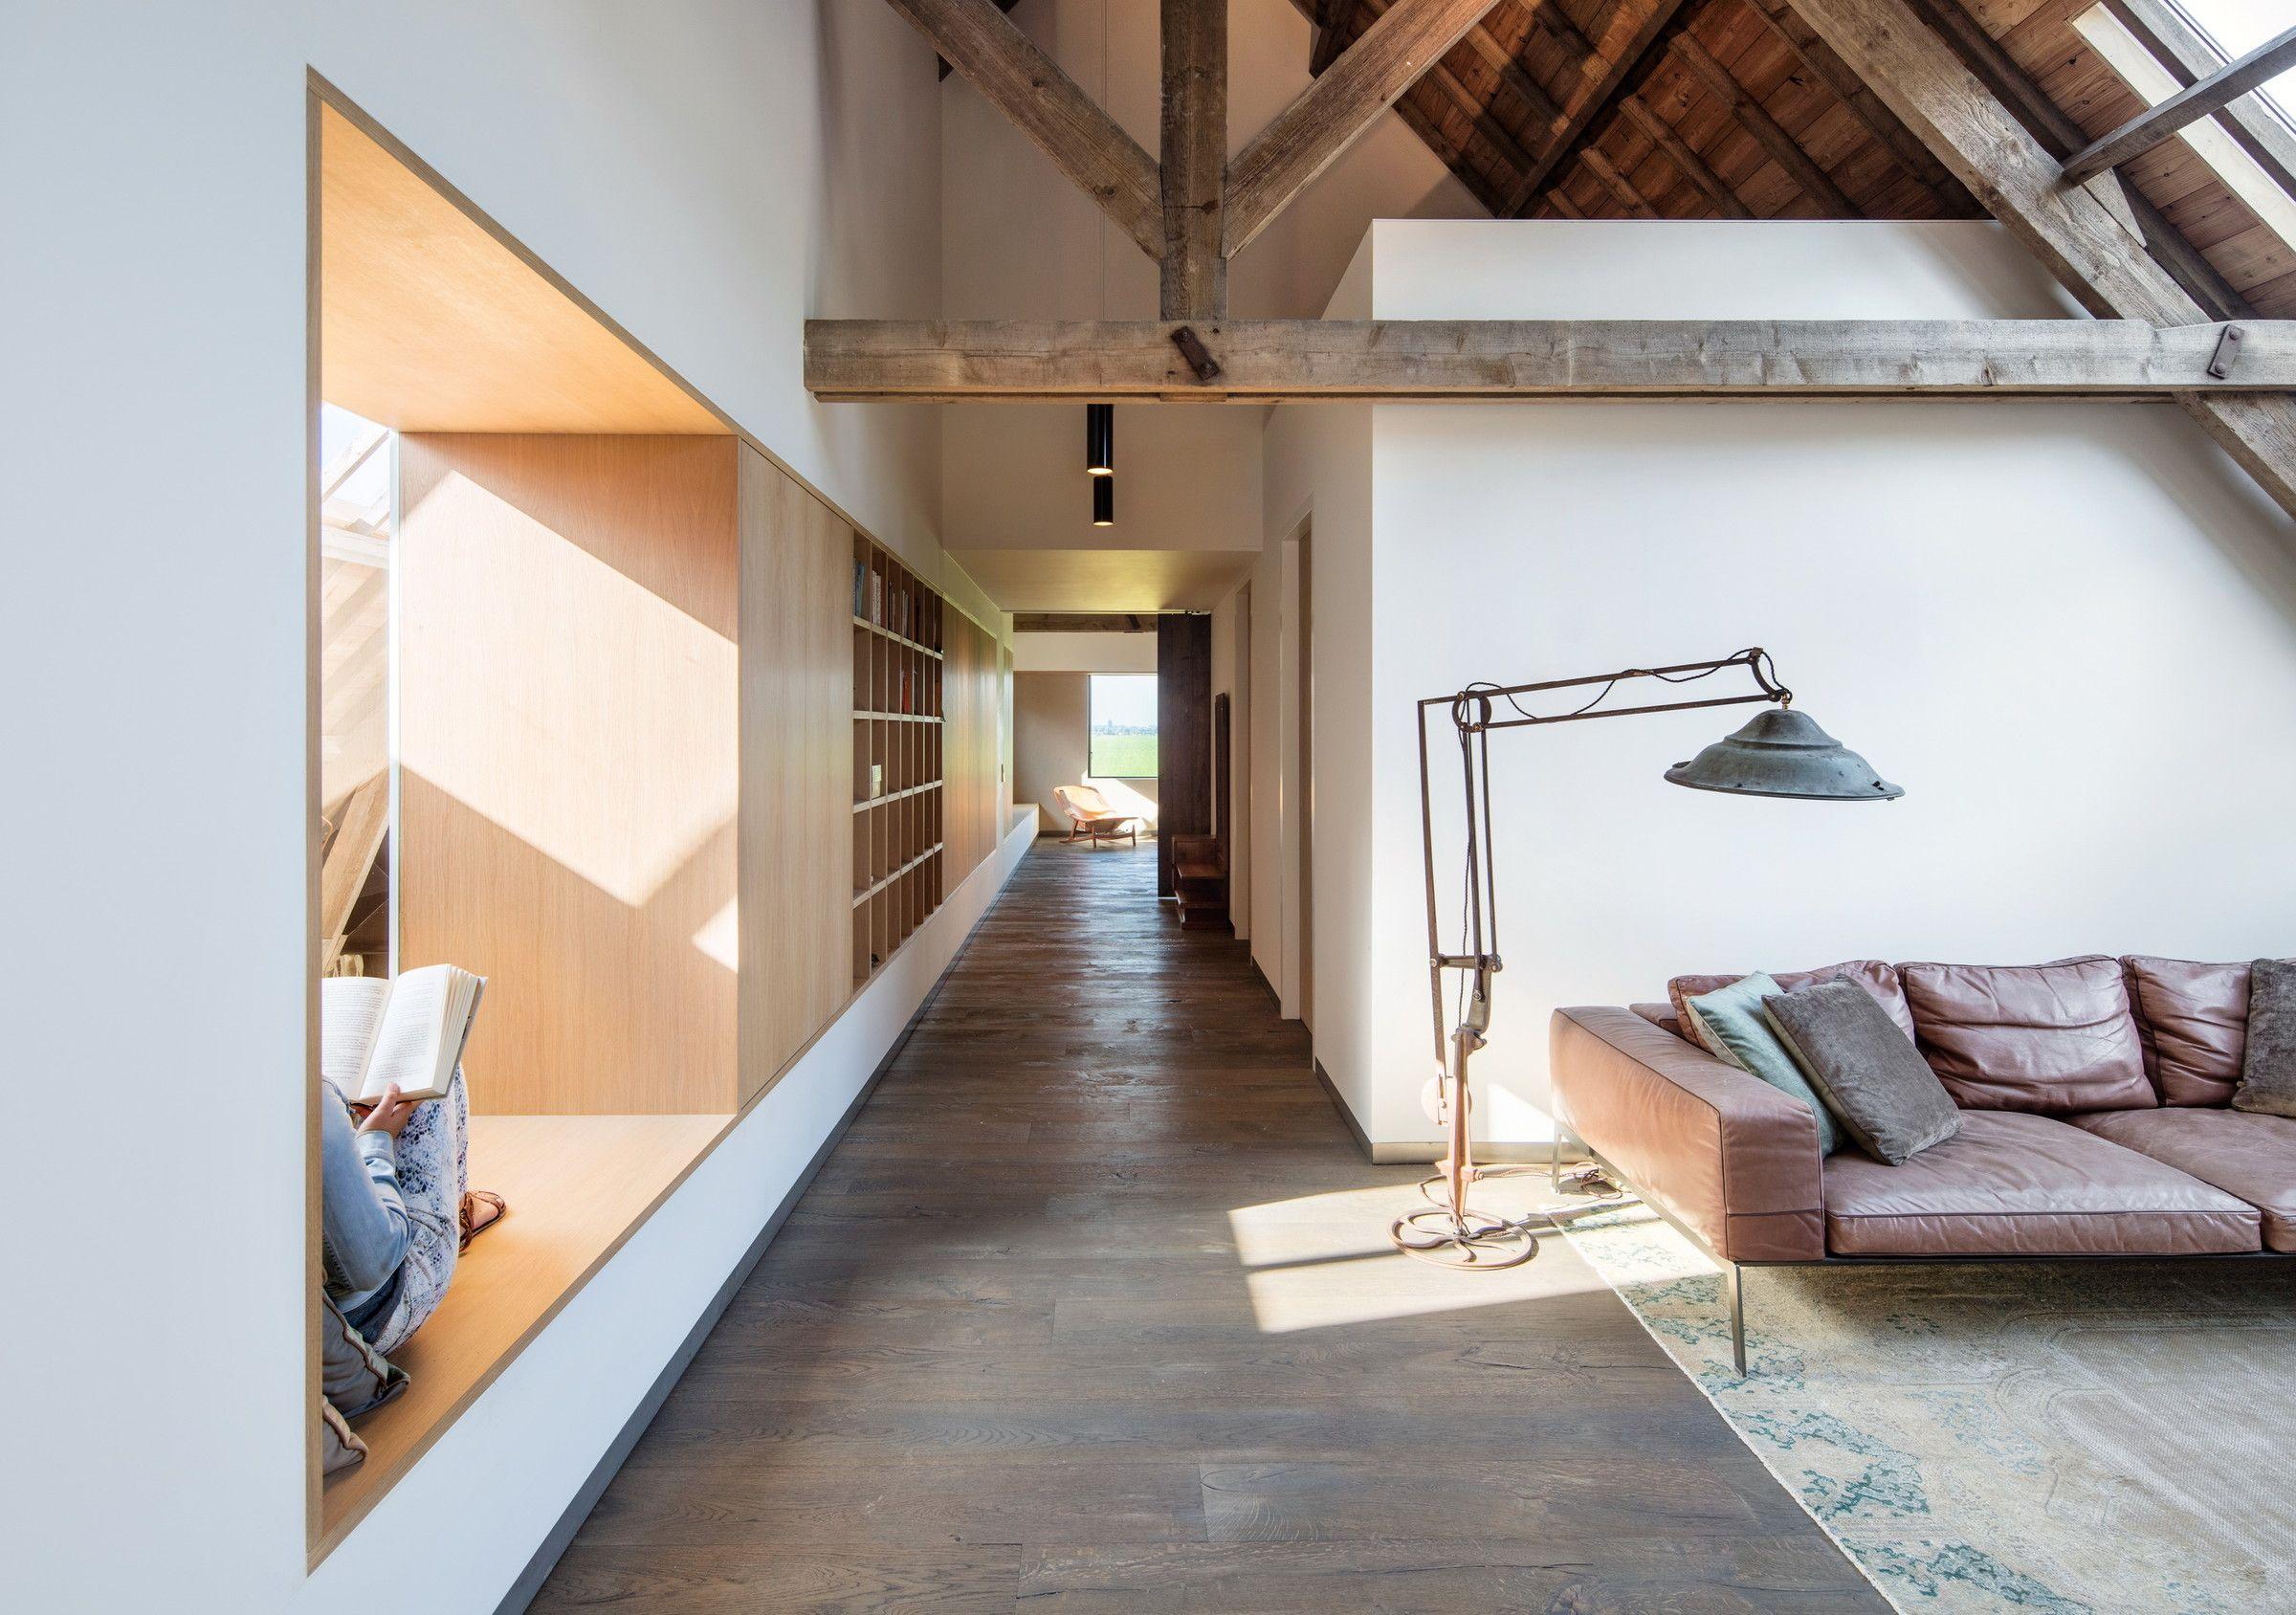 jeroen van zwetselaar interieur ontwerp / transformatie villa boerderij xxl, utrecht (architectuur: zecc)